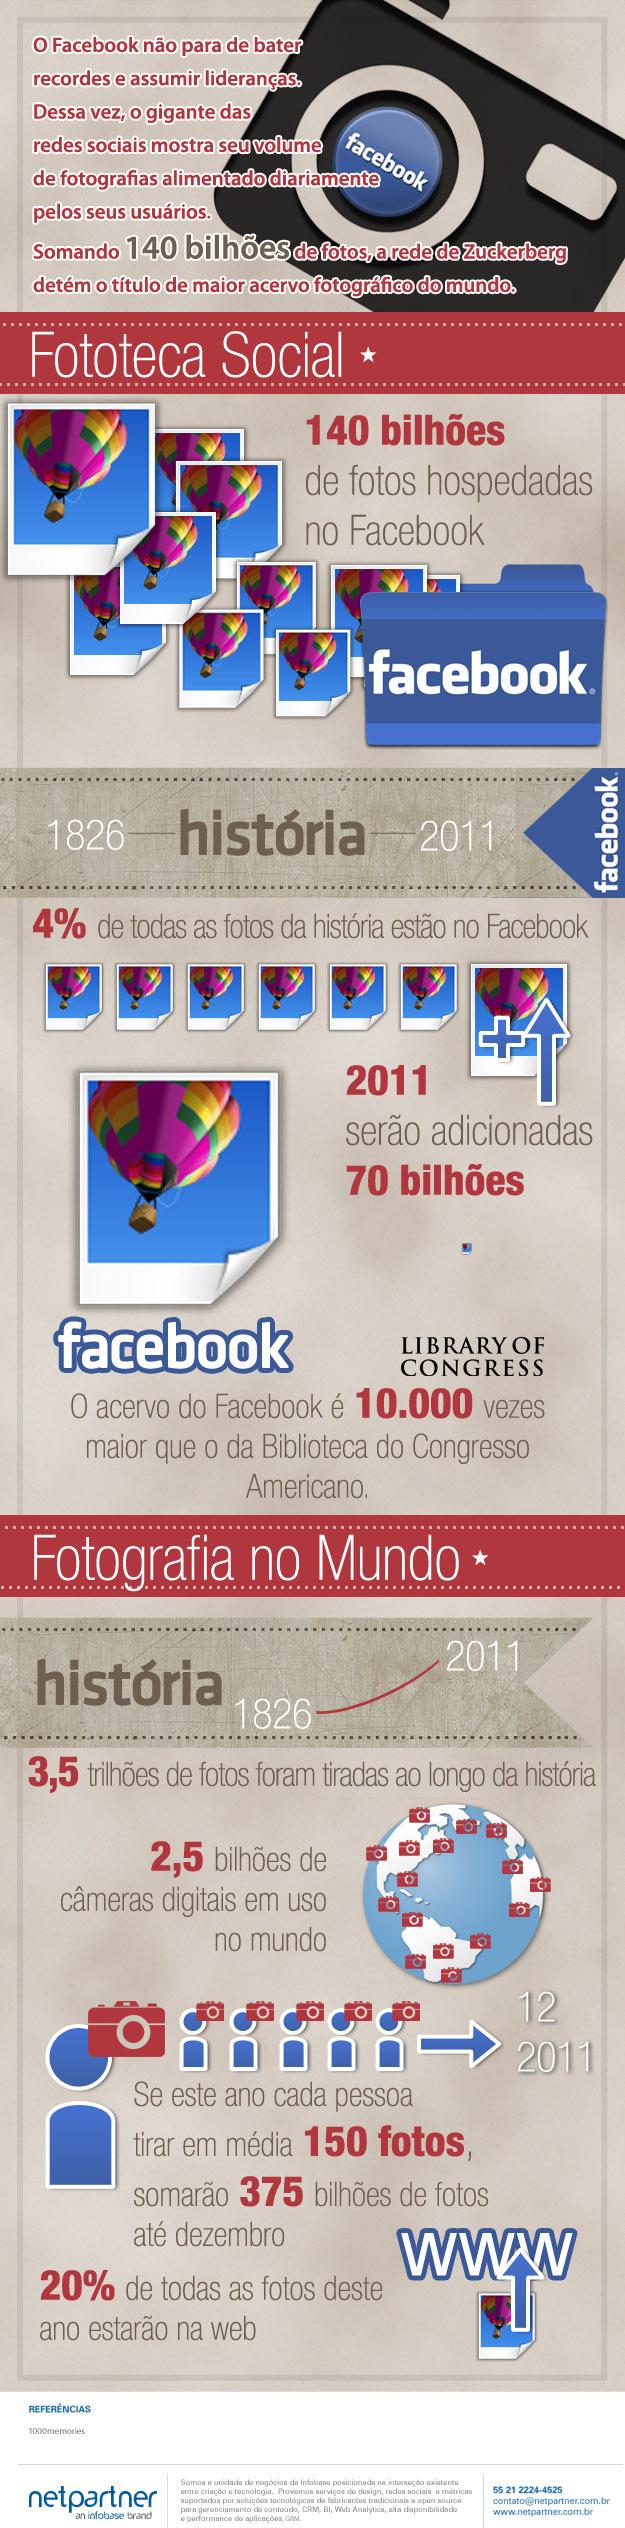 4% de todas as fotos tiradas estão no Facebook